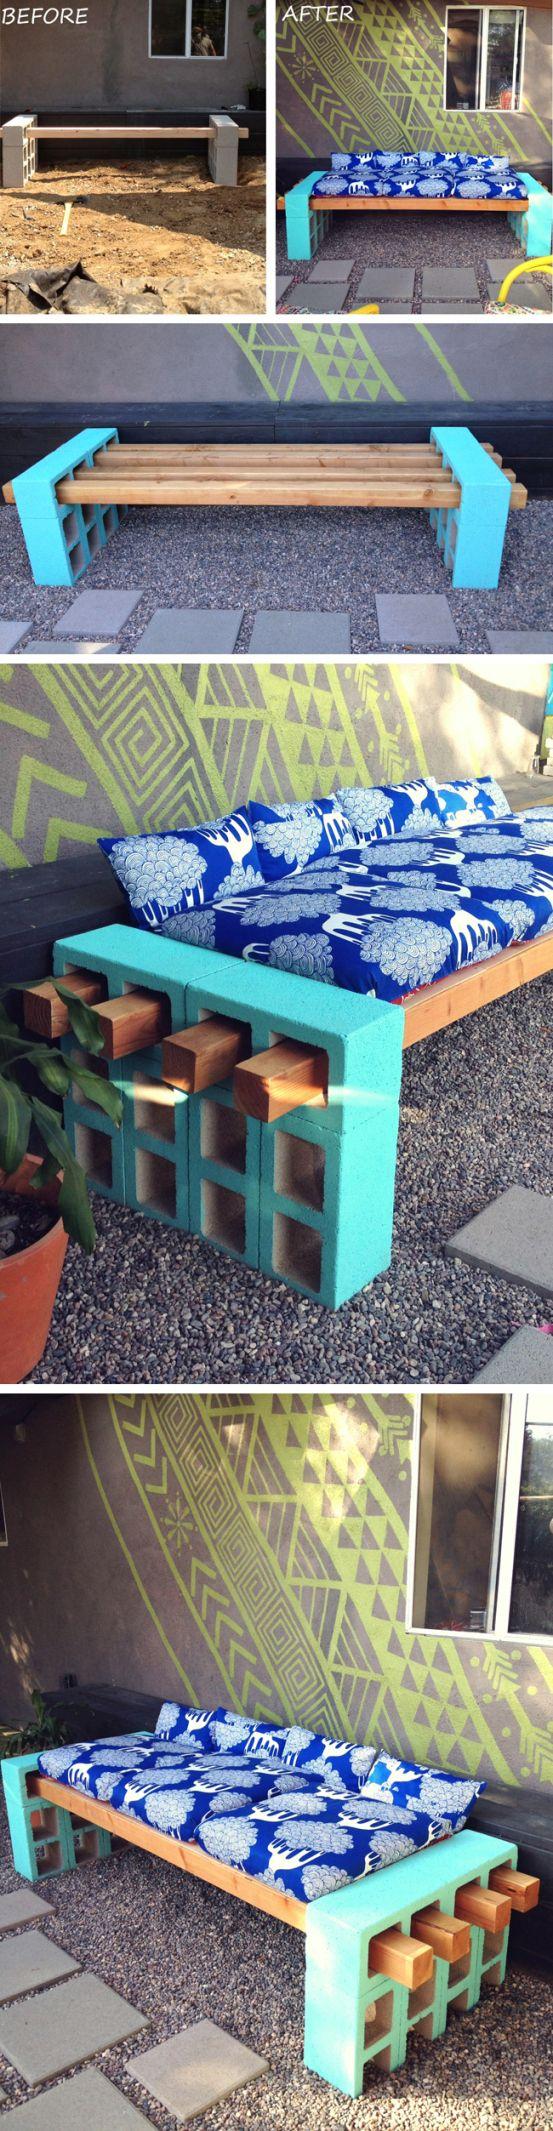 DIY concrete block bench seating | furniture design | awesome DIY inspiration